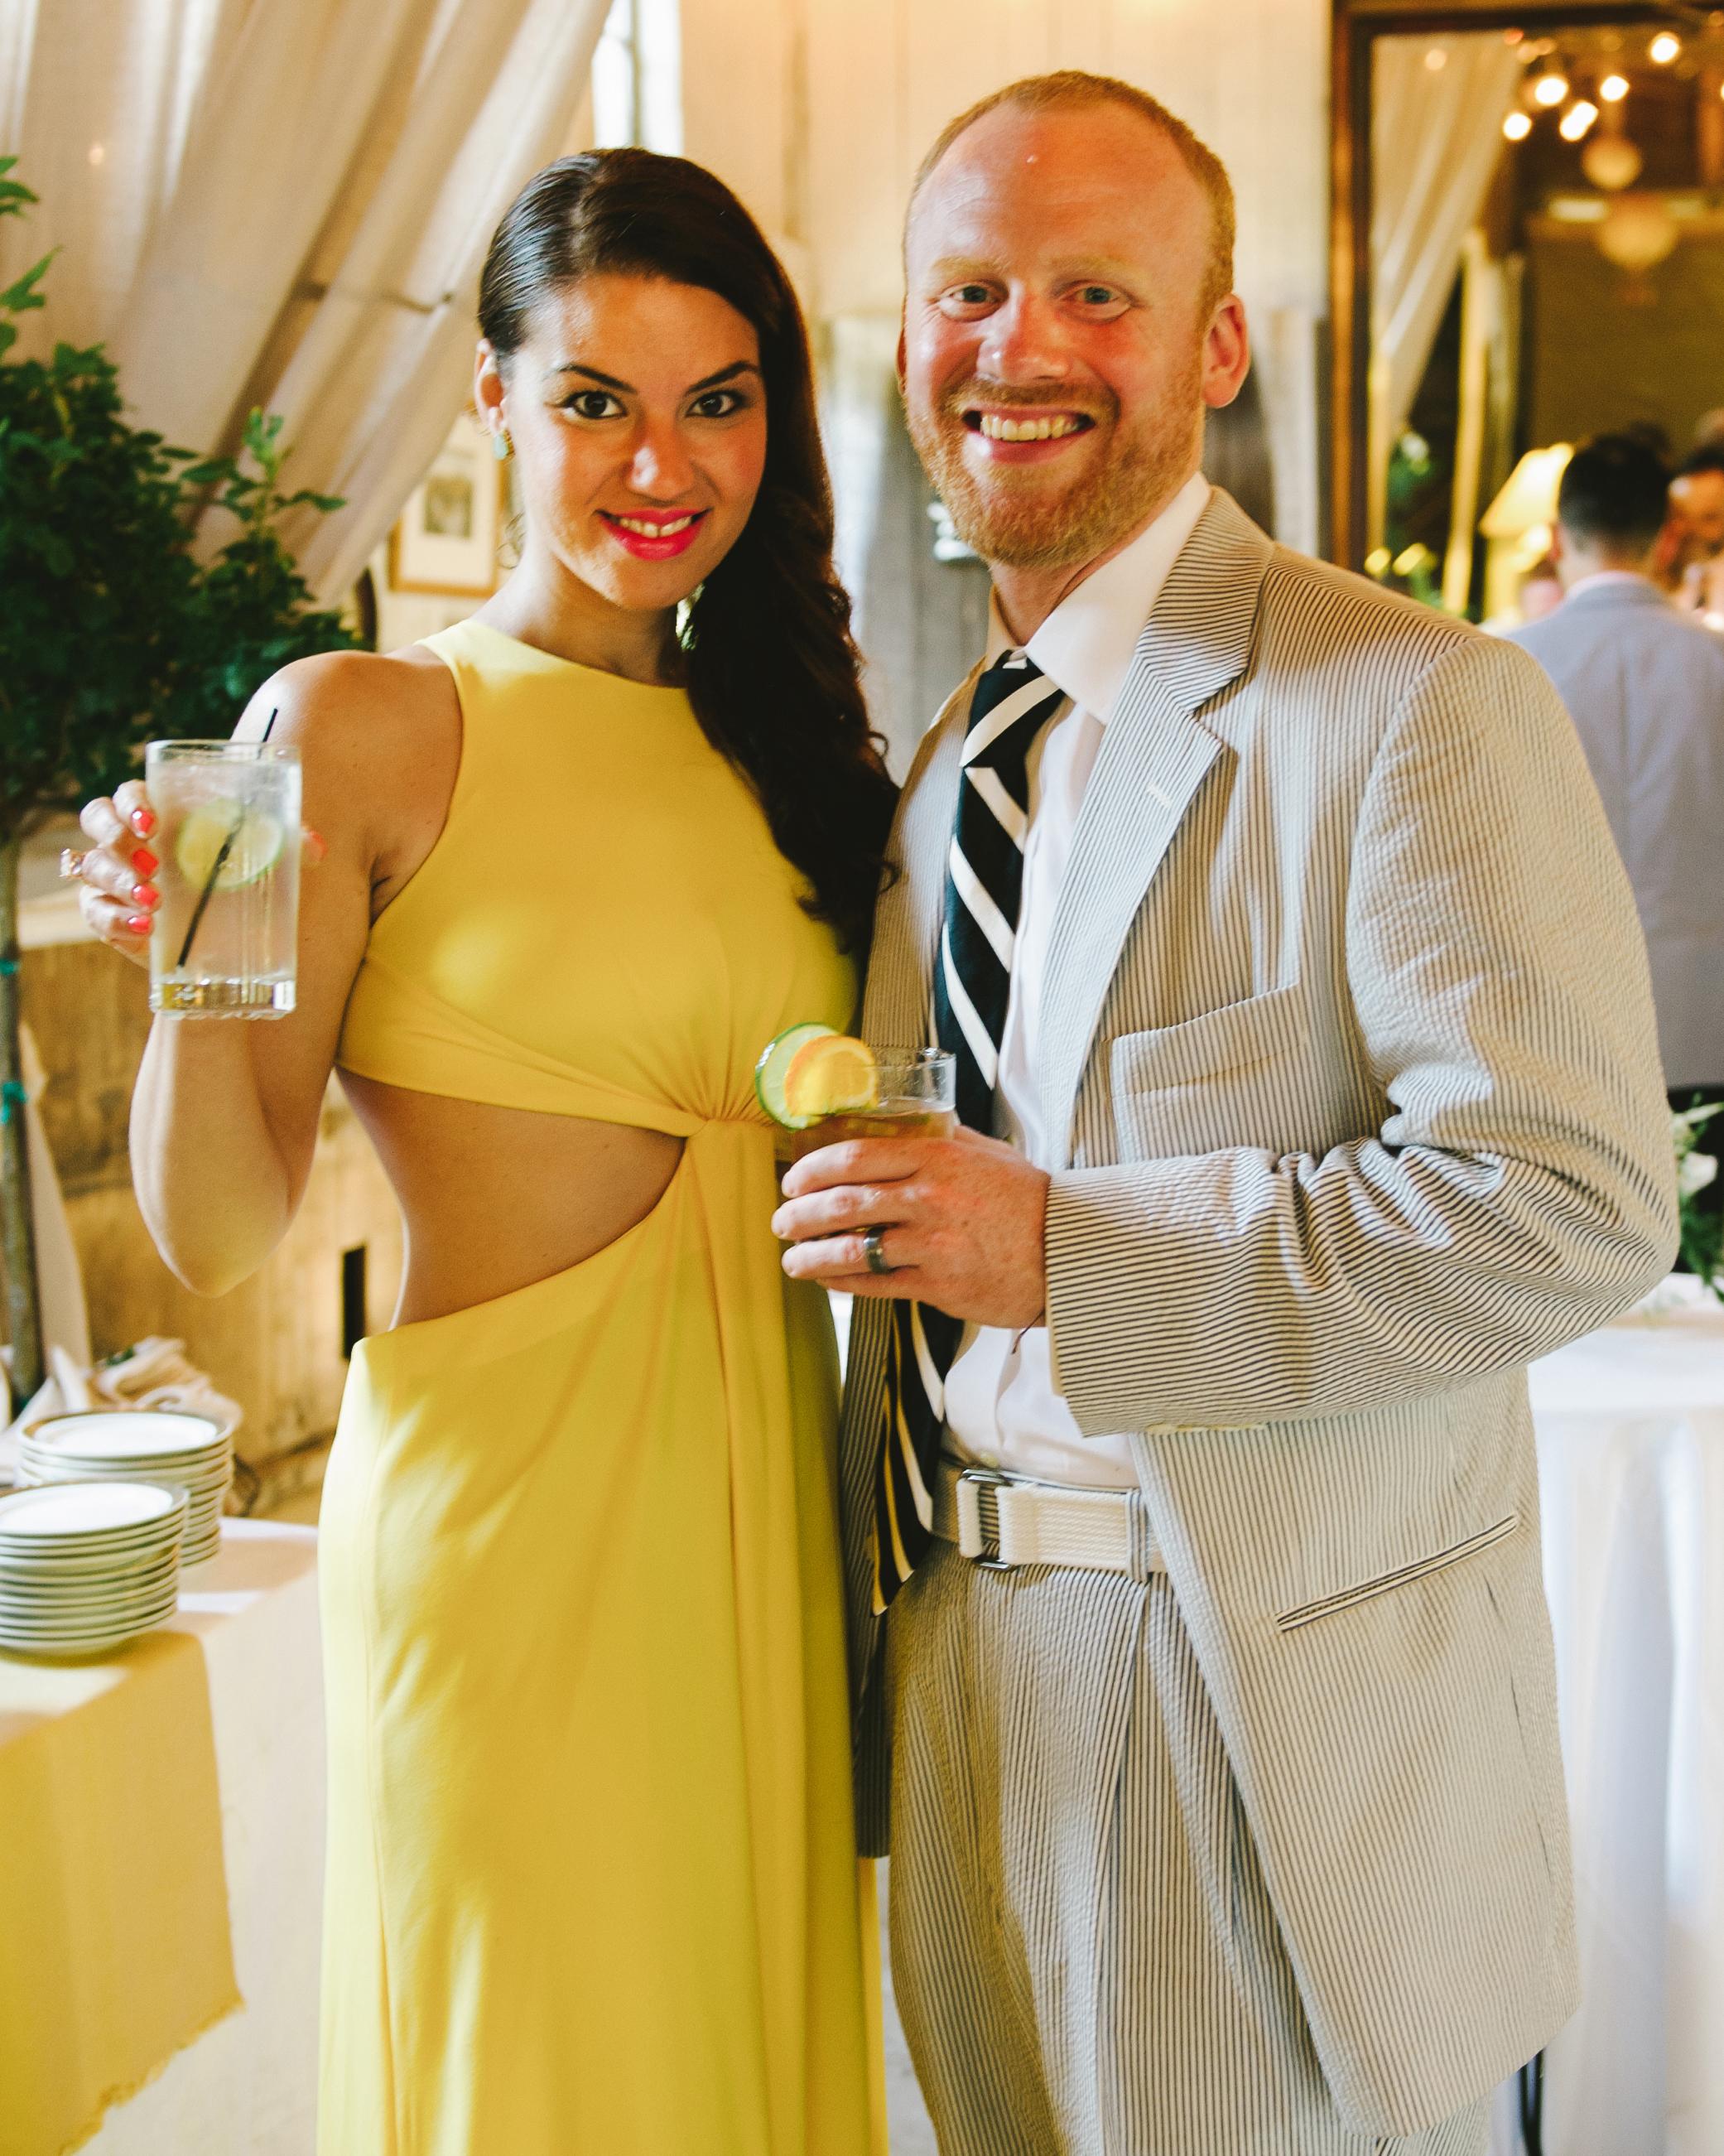 lauren-jack-wedding-guests-0314.jpg